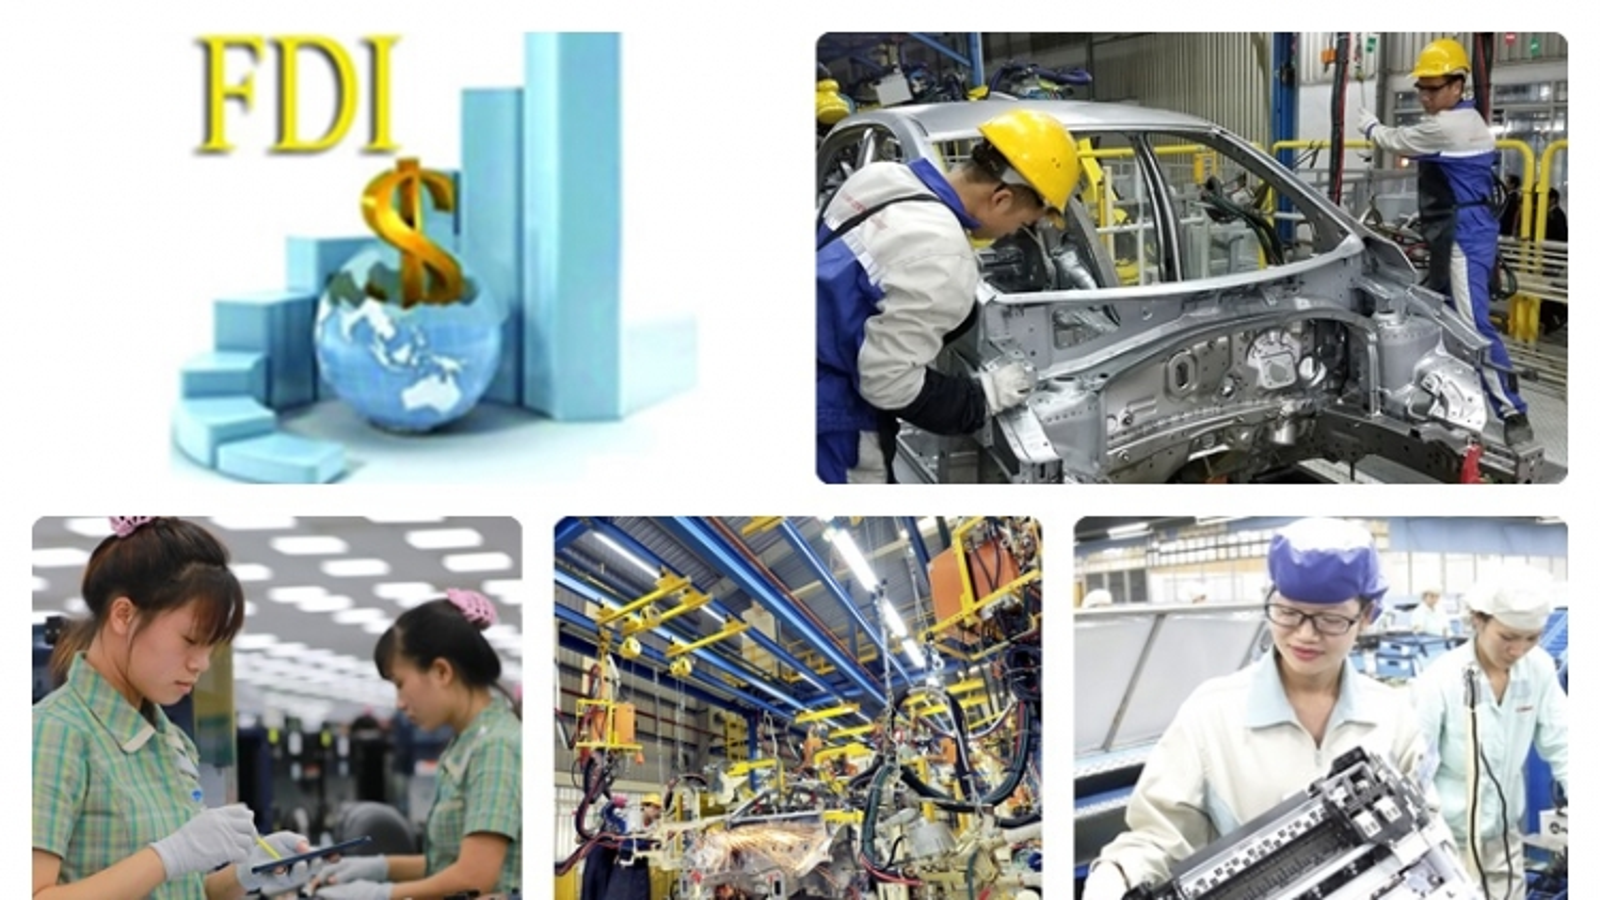 Giải ngân vốn FDI giảm mạnh trong tháng 7 vì Covid-19